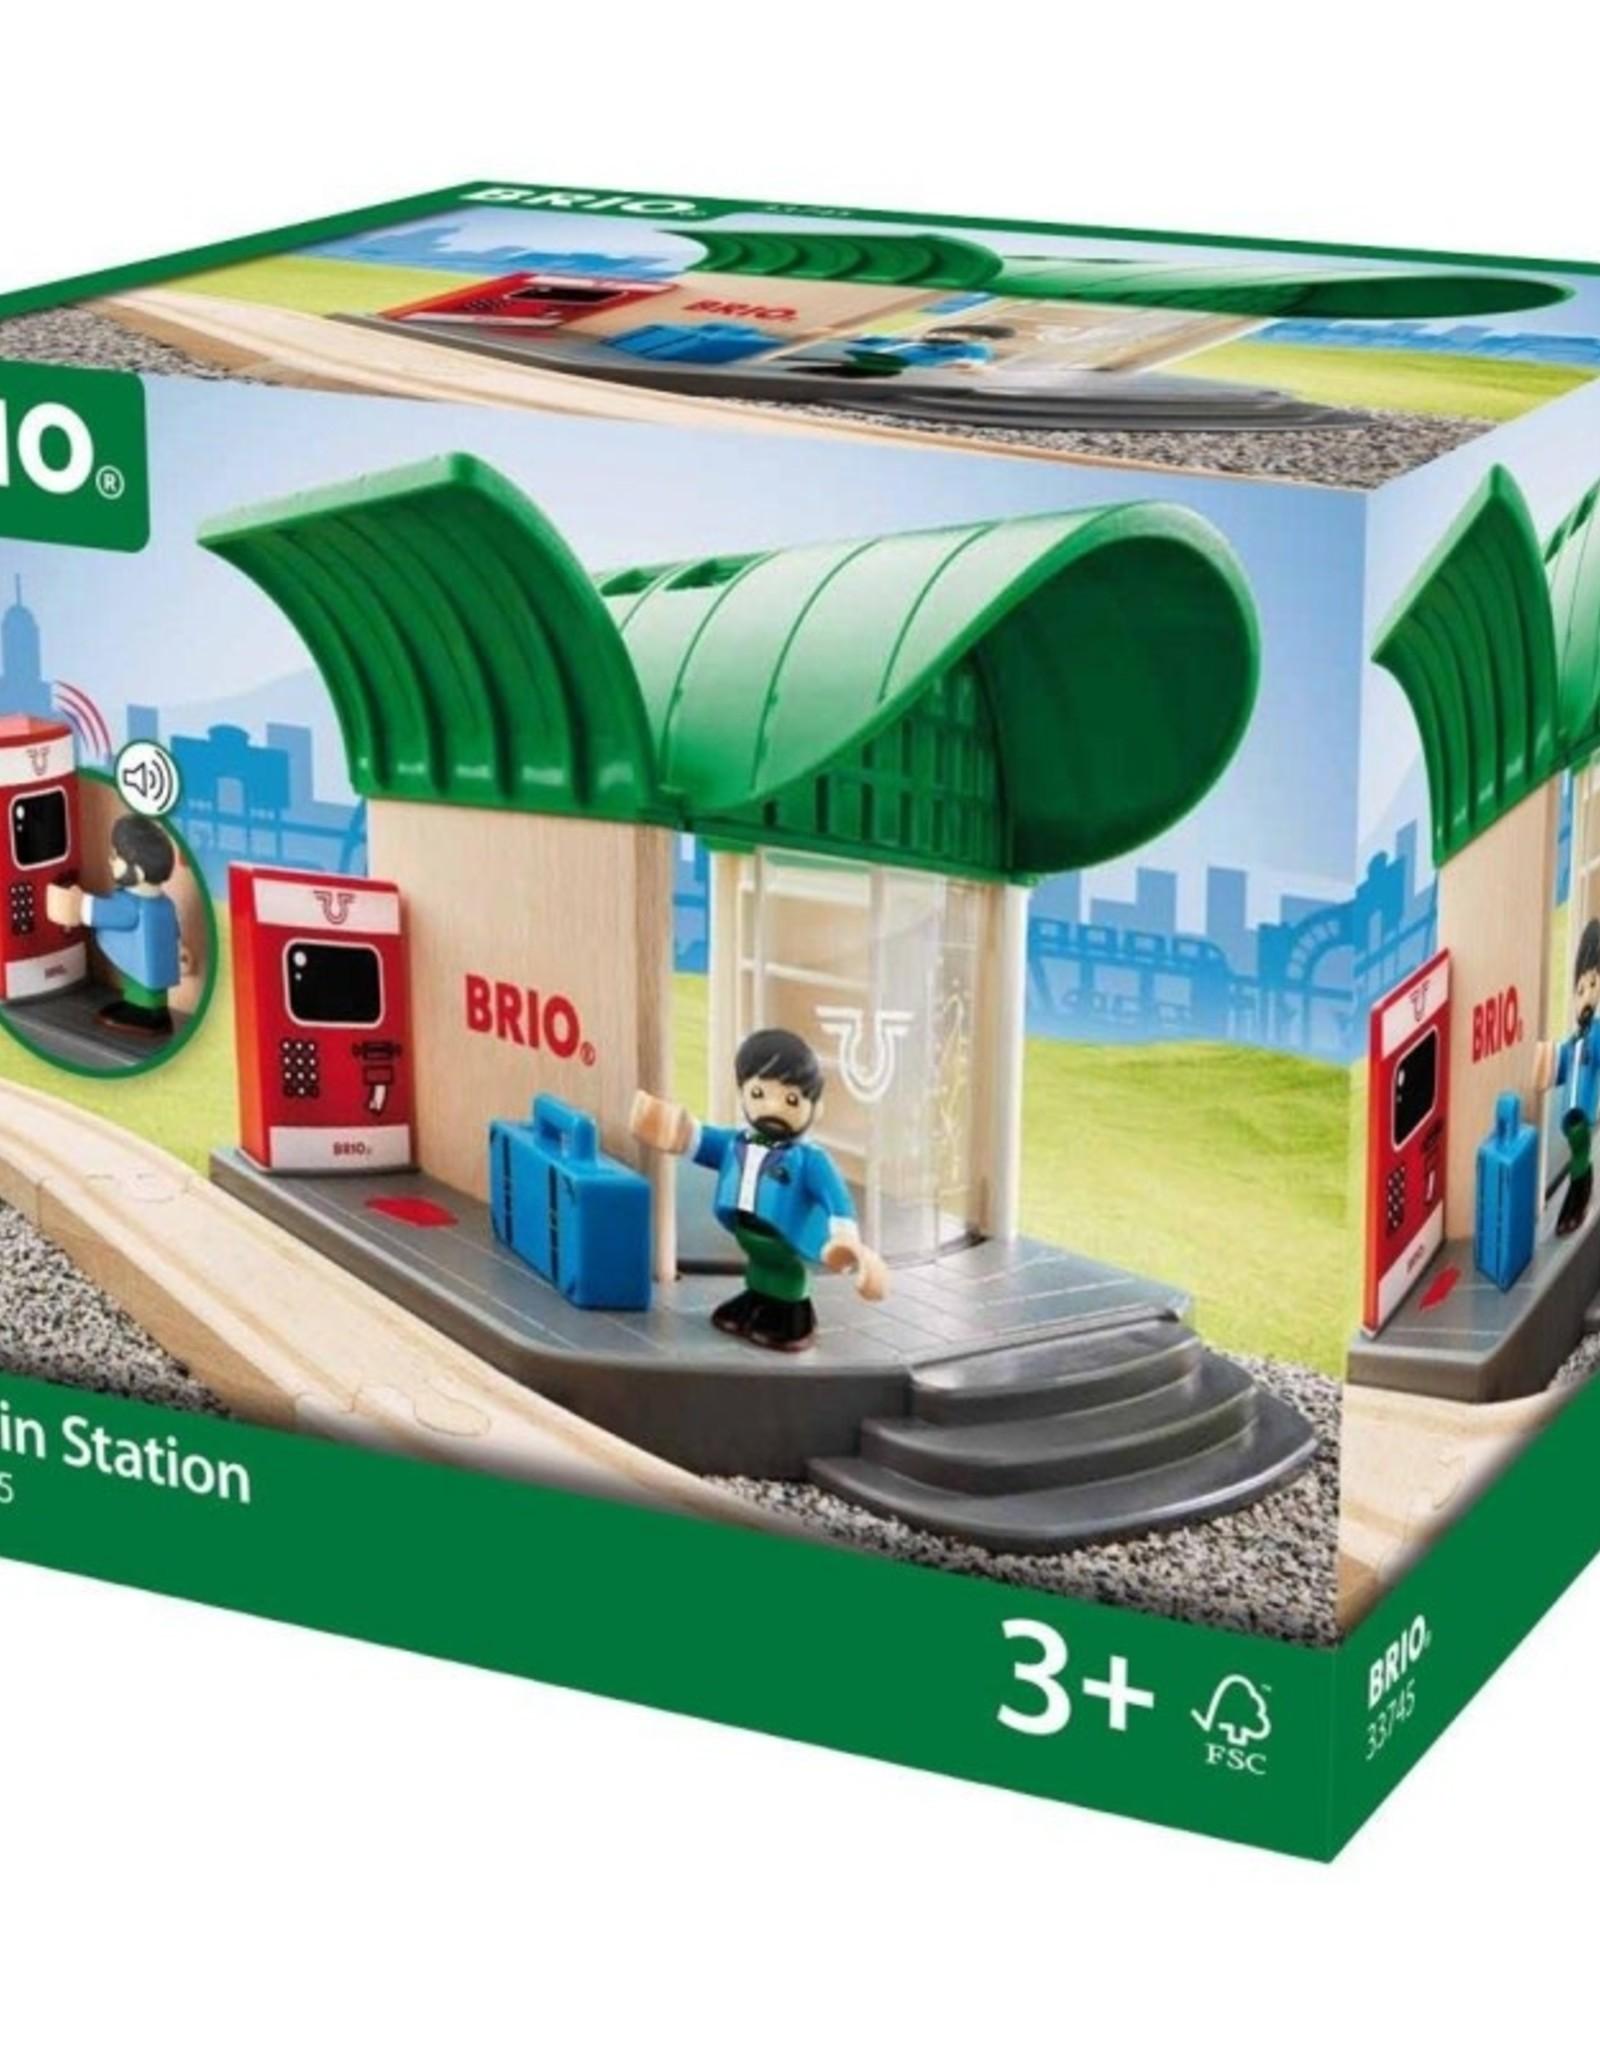 Brio BRIO - Train Station